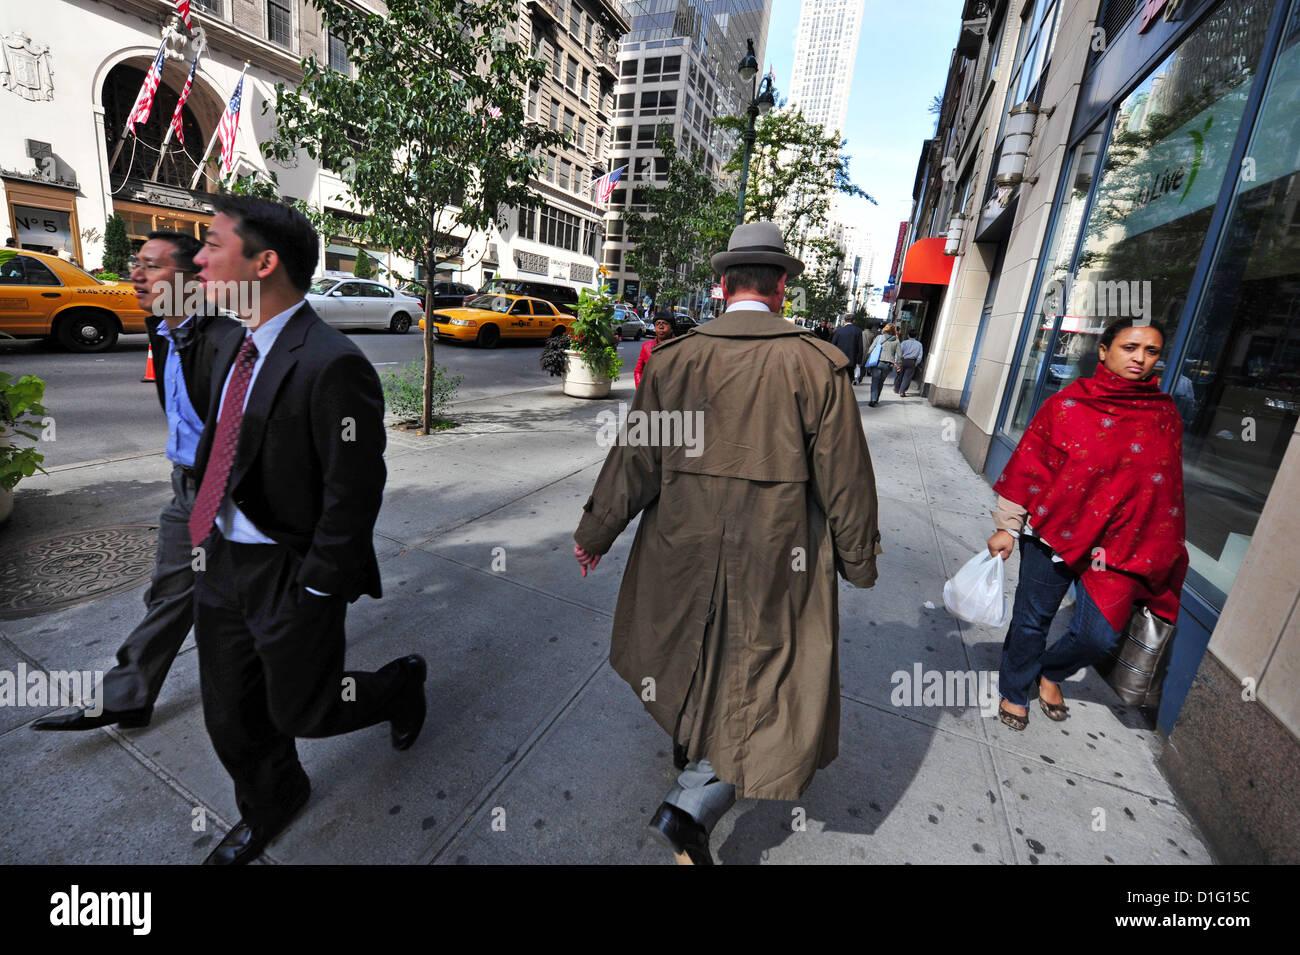 Persone di culture diverse che condividono un unico marciapiede in Manhattan New York Immagini Stock